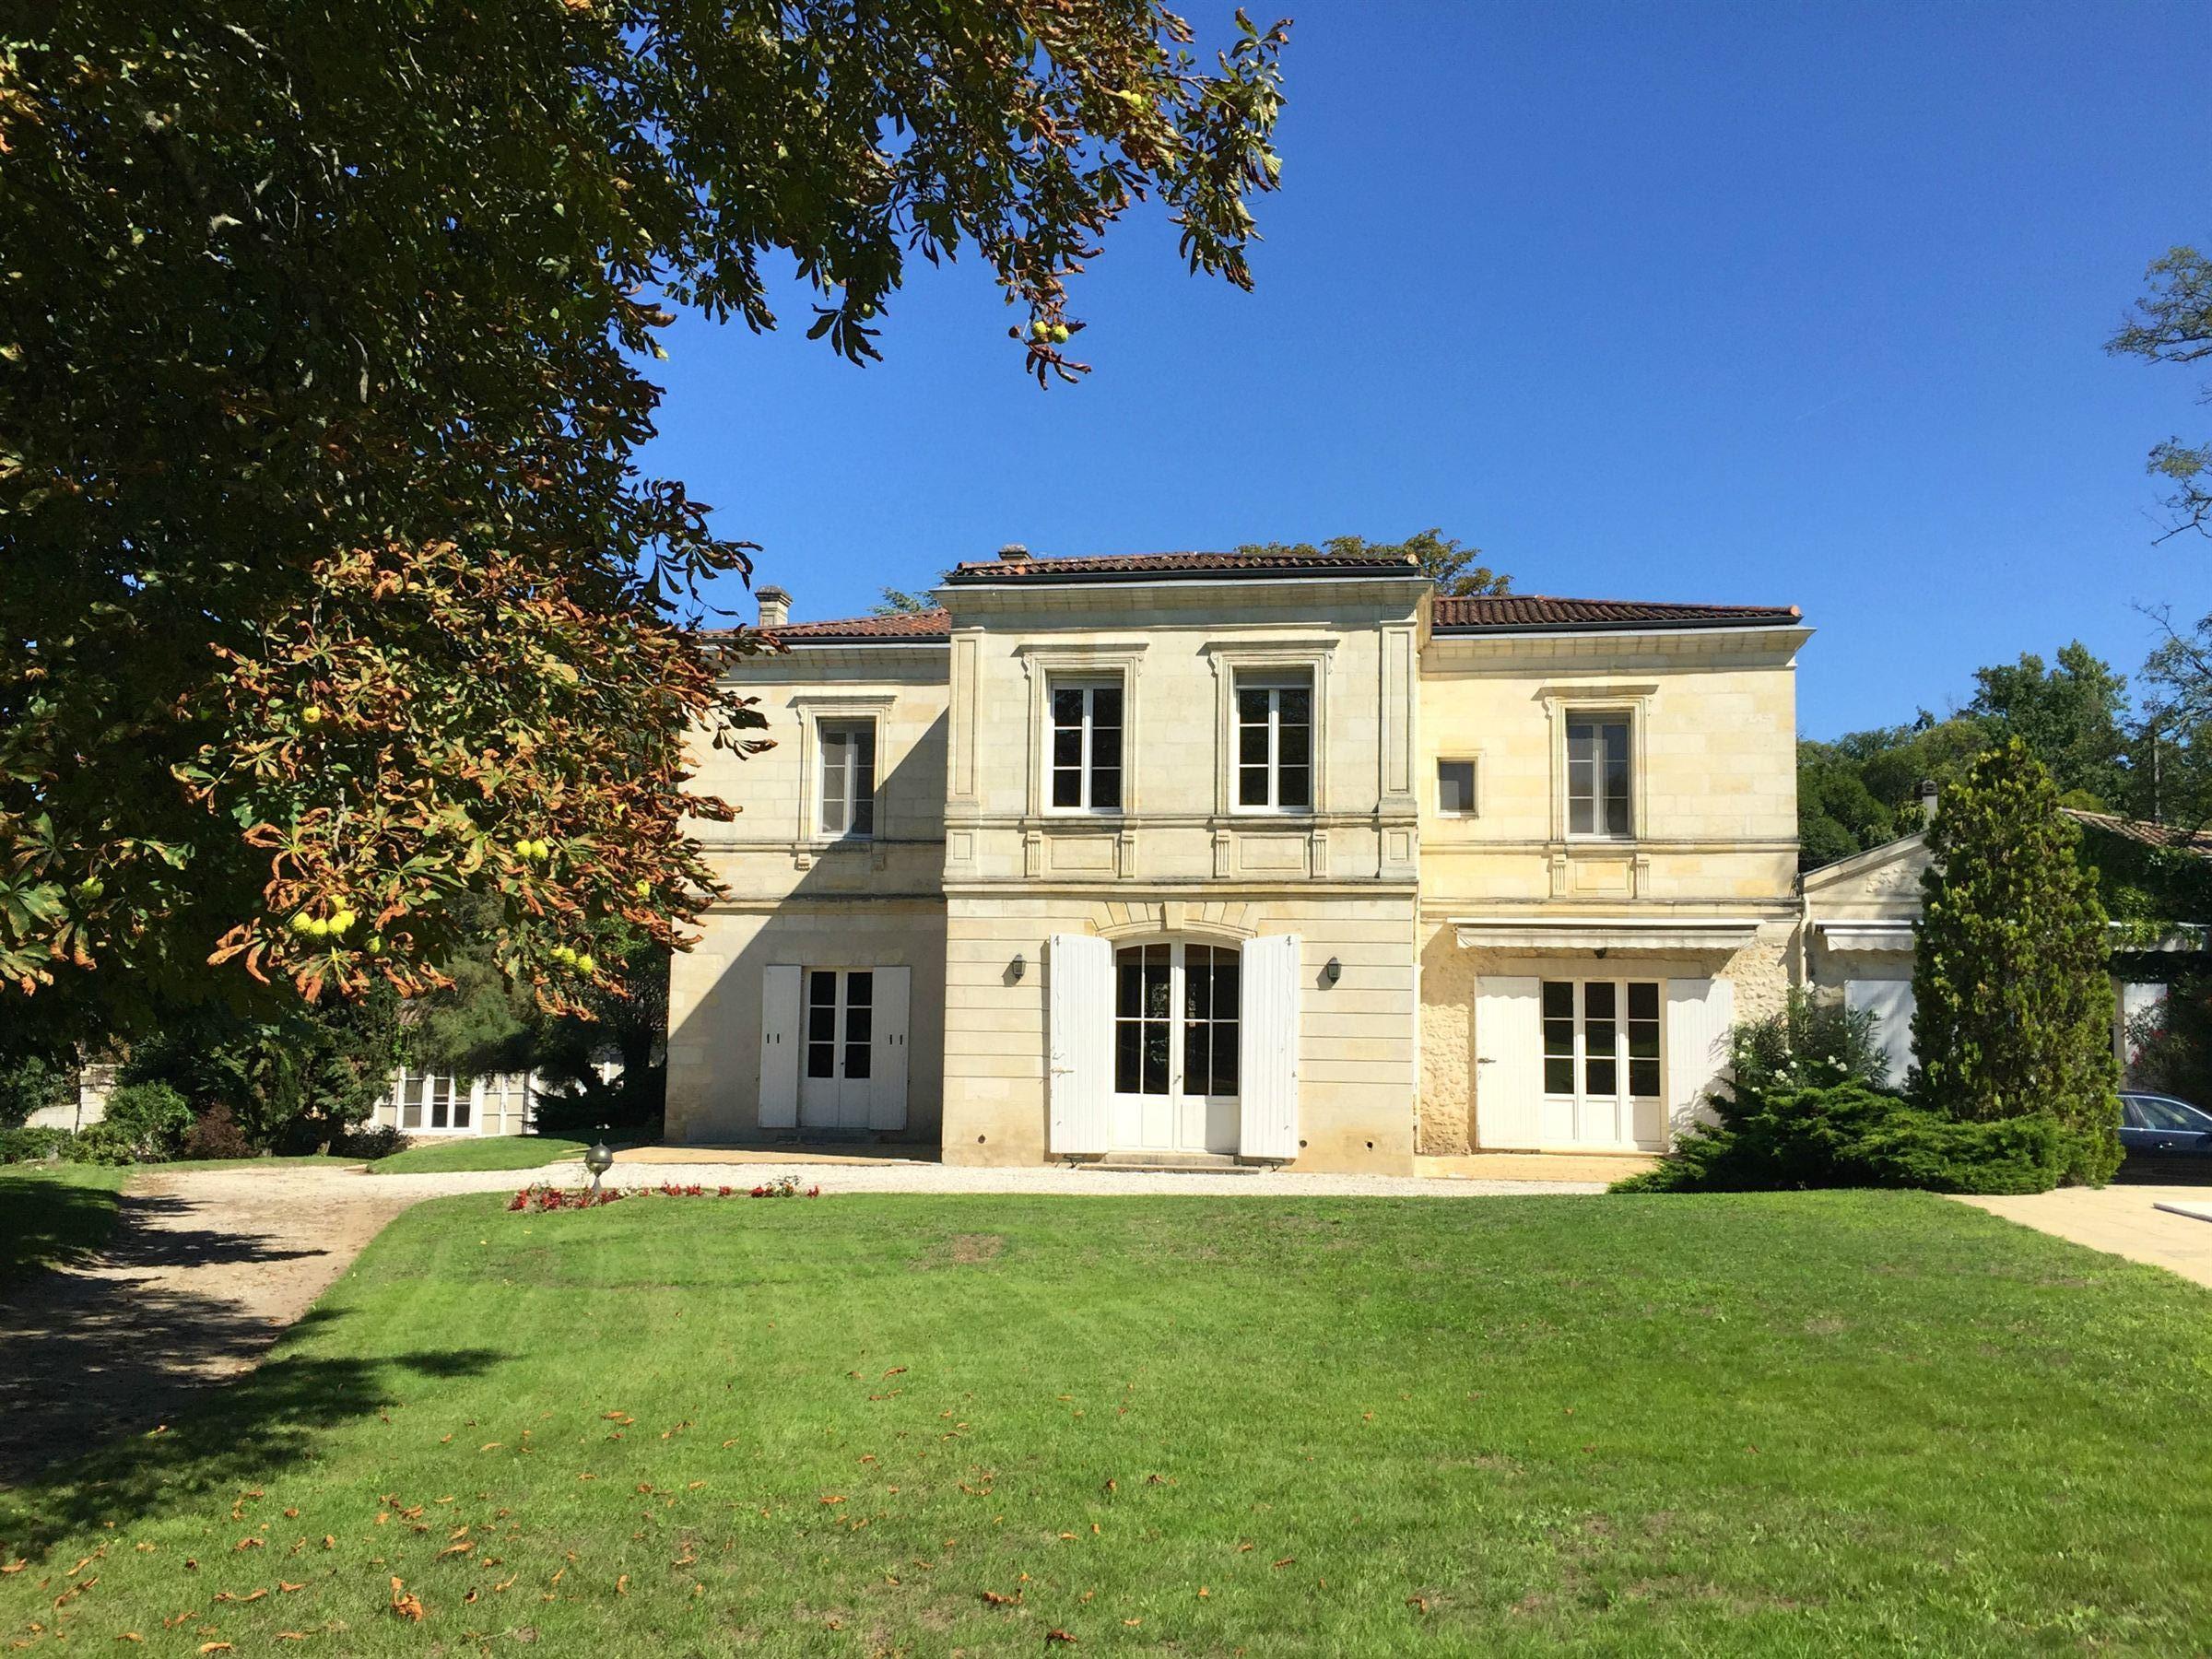 Maison unifamiliale pour l Vente à BORDEAUX RIGHT BANK – PANORAMIC VIEW OVER THE CITY Bordeaux, Aquitaine, 33000 France